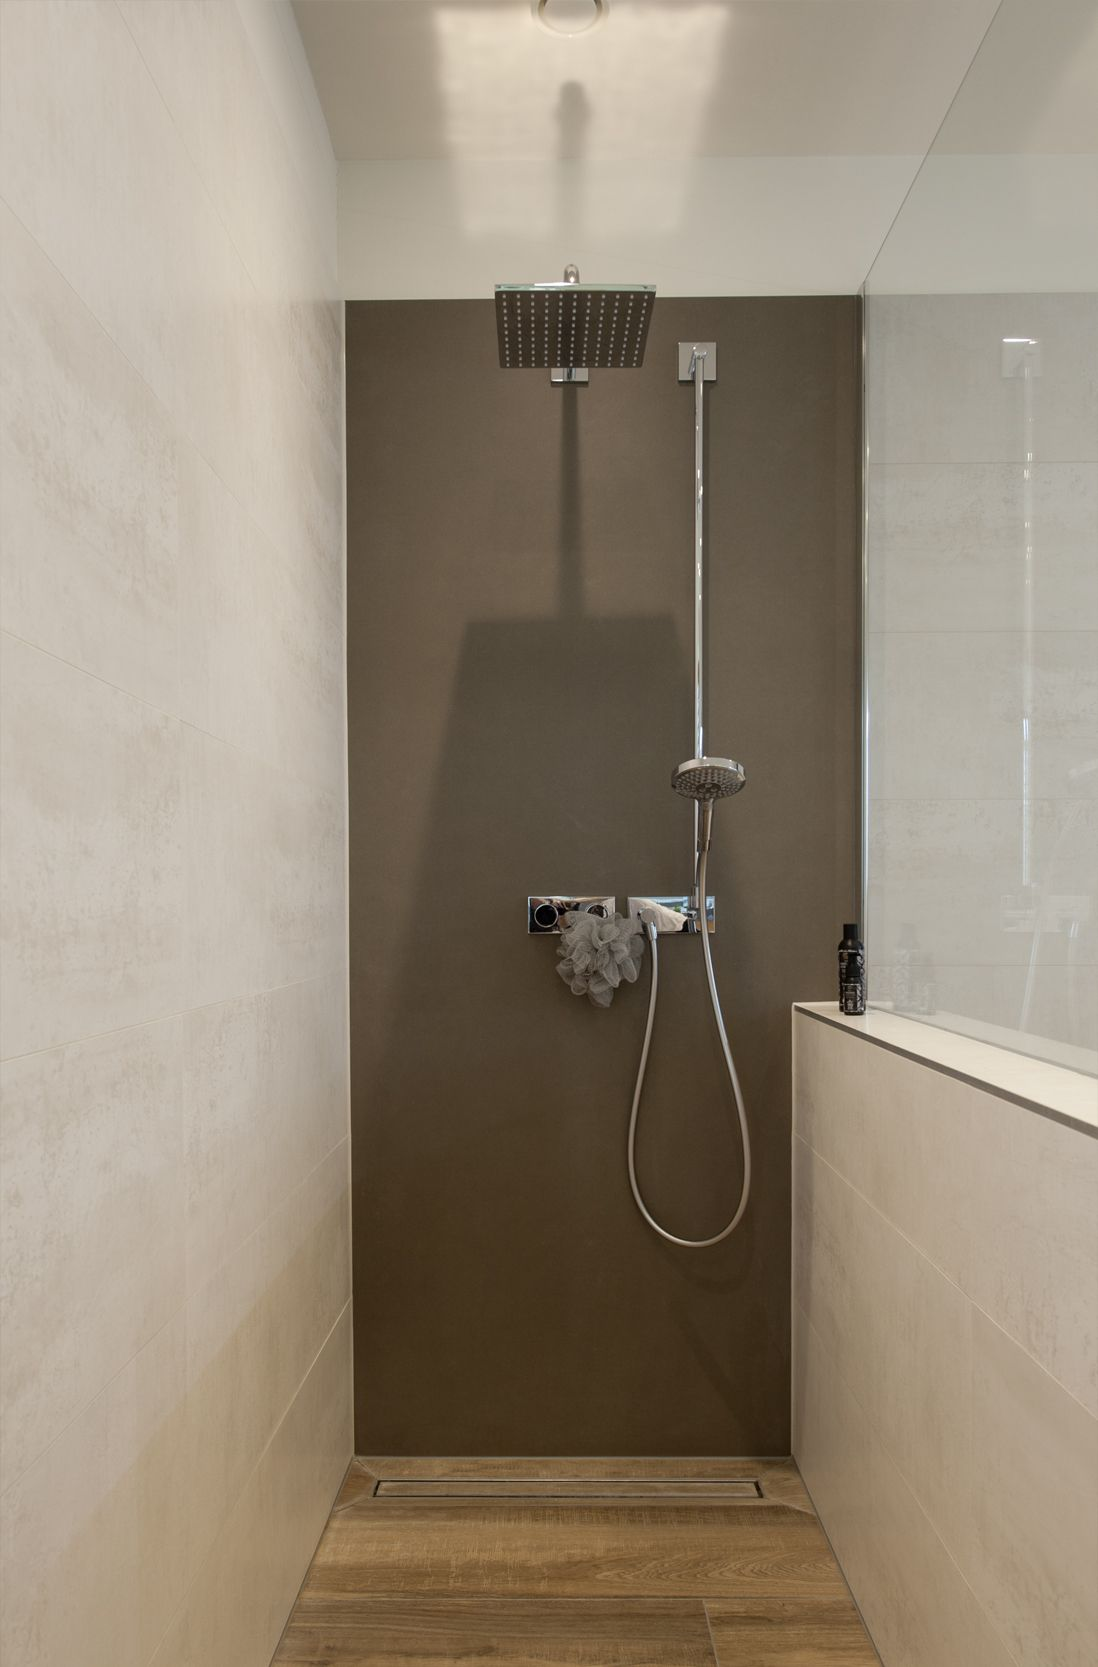 Frei Begehbare Dusche Mit Regenbrause Komfortable Einbauwanne Wandhangender Doppelwaschtisch Beleuchteter Sp Begehbare Dusche Rote Badezimmer Regenbrause